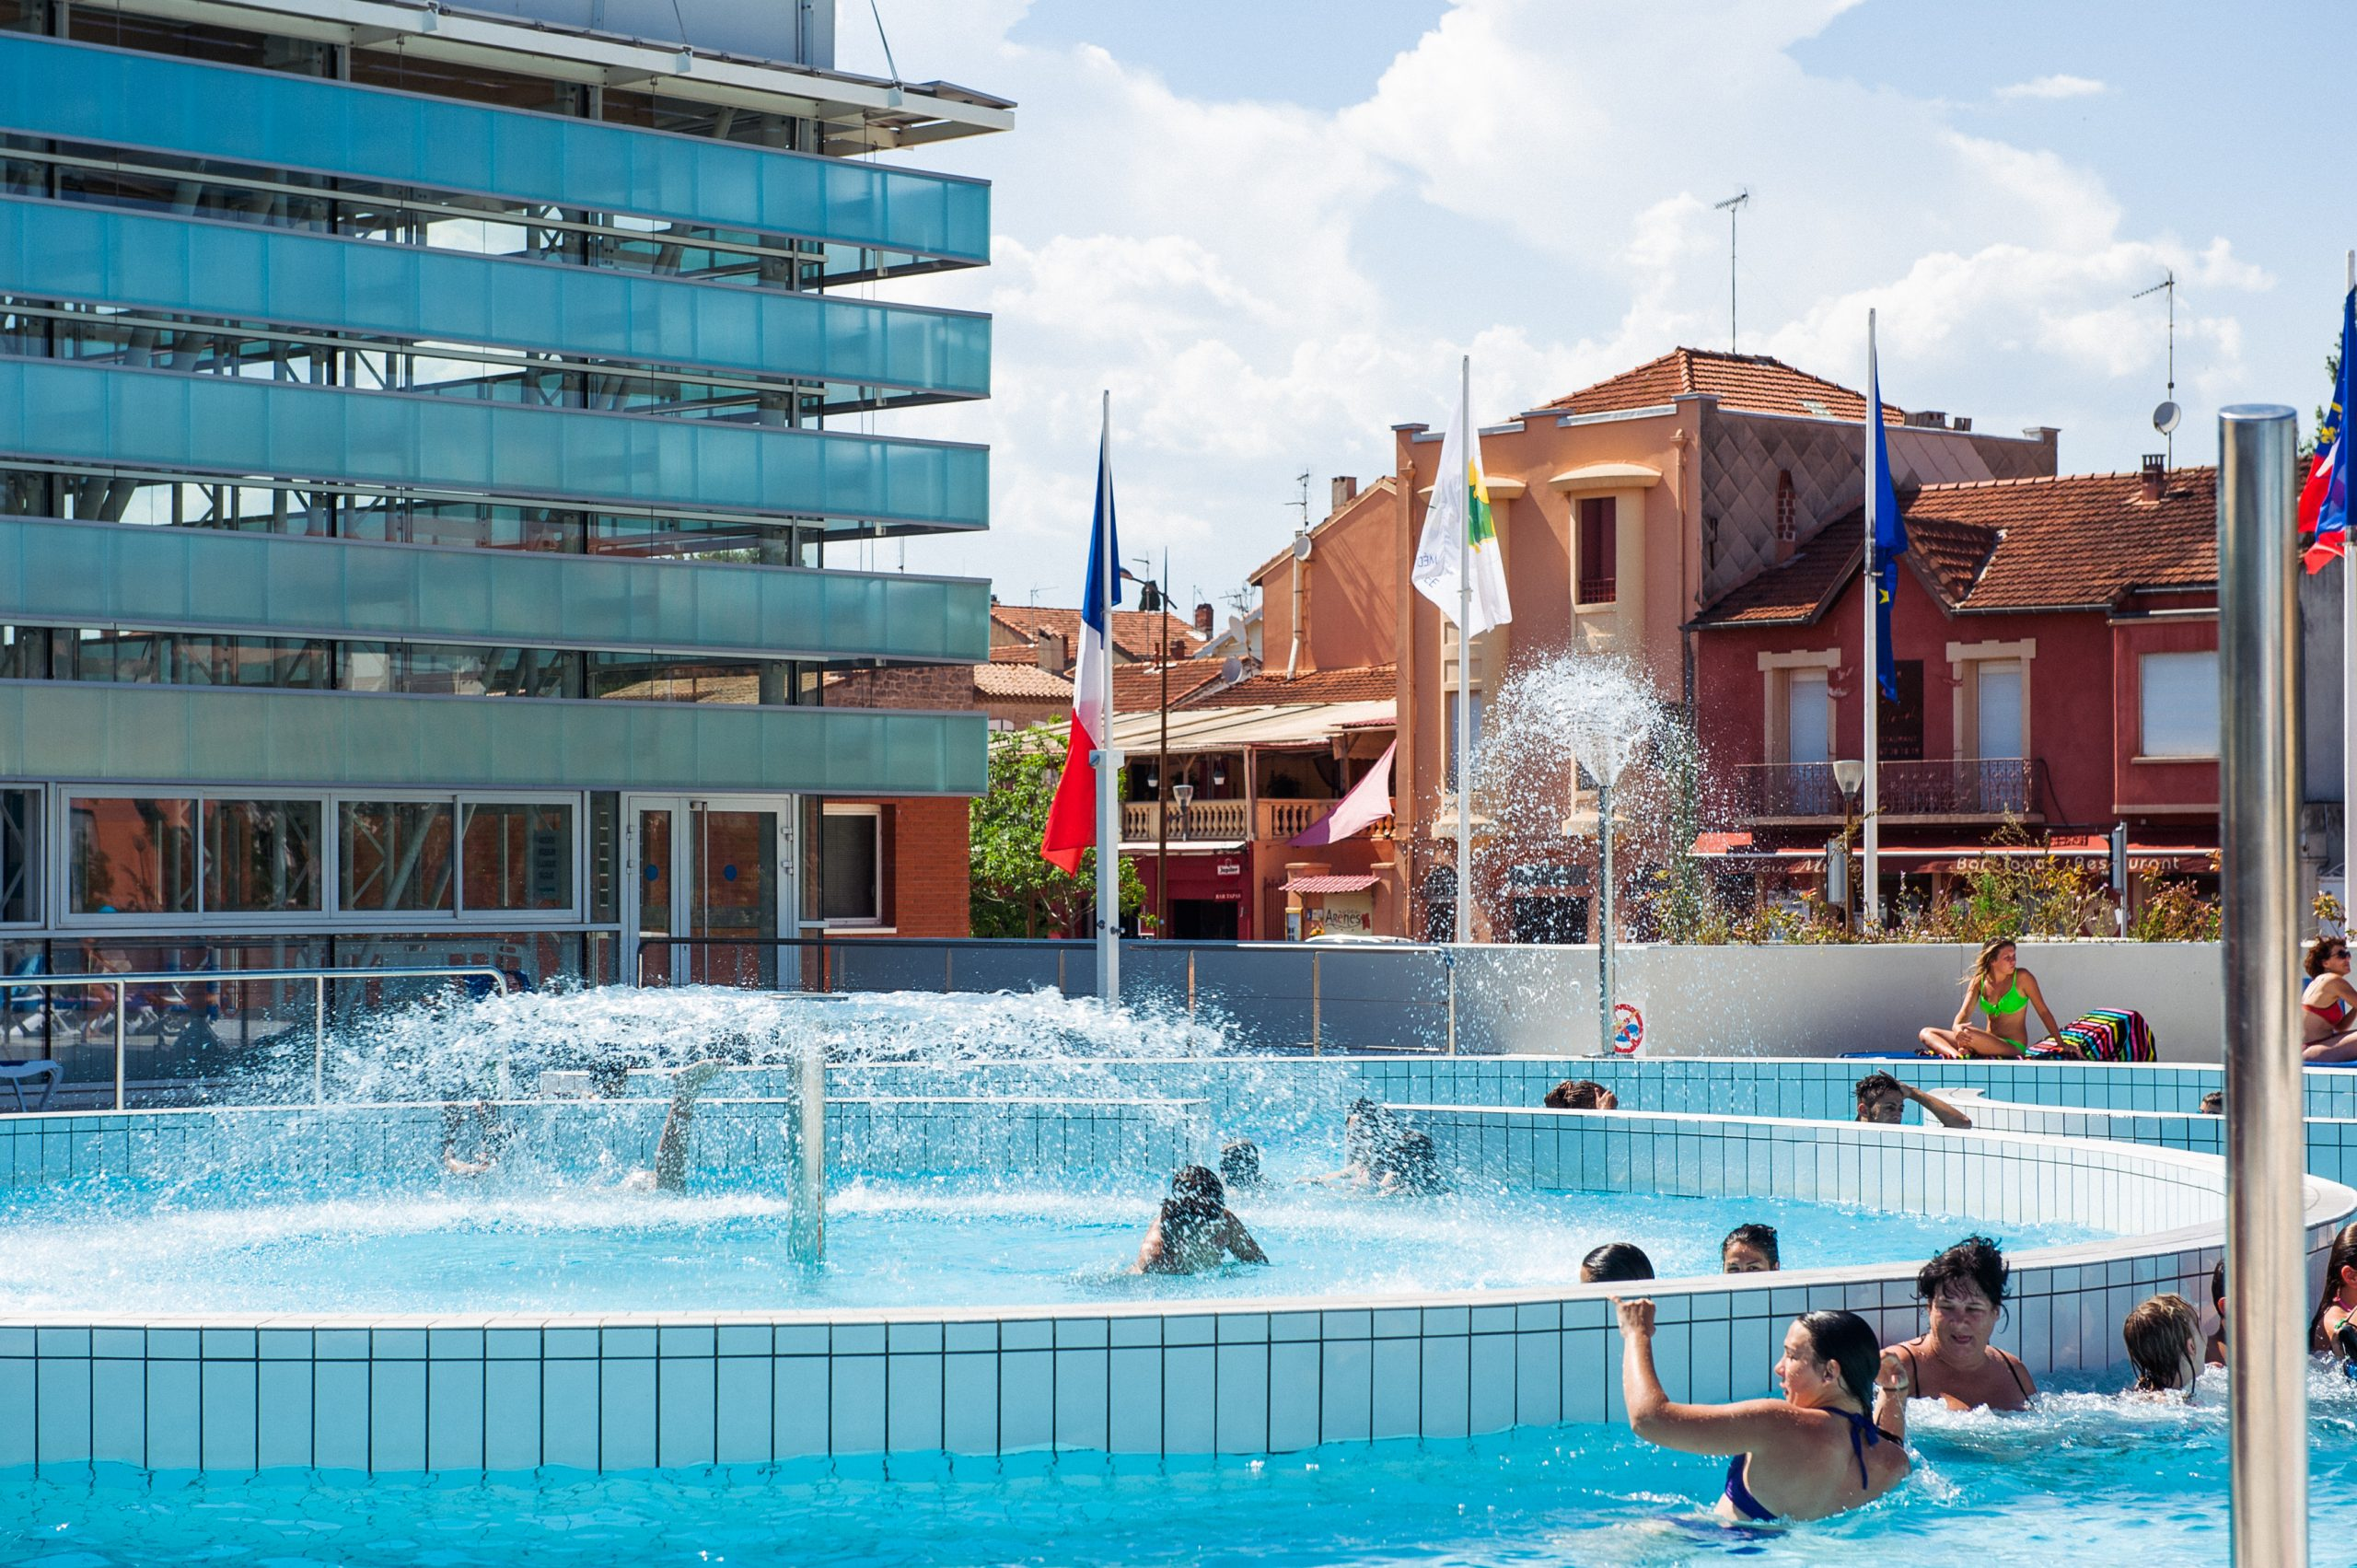 Piscines | Communauté D'agglomération Béziers Méditerranée concernant Horaire Piscine Jacou